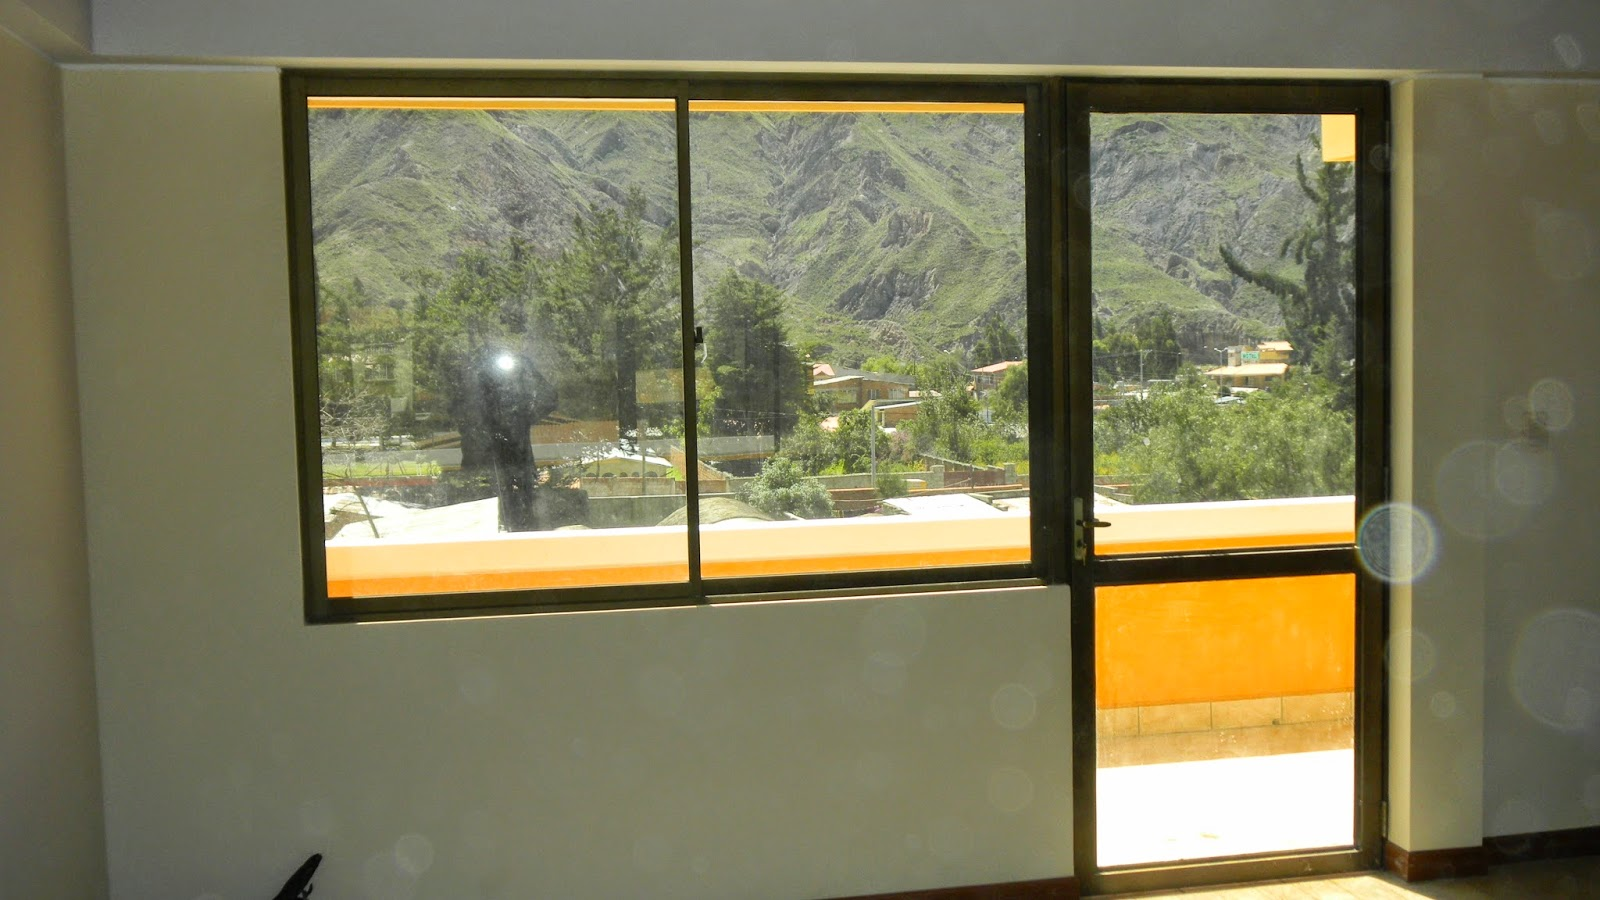 Ventanas y puertas de aluminio ventavid for Puerta corrediza de aluminio